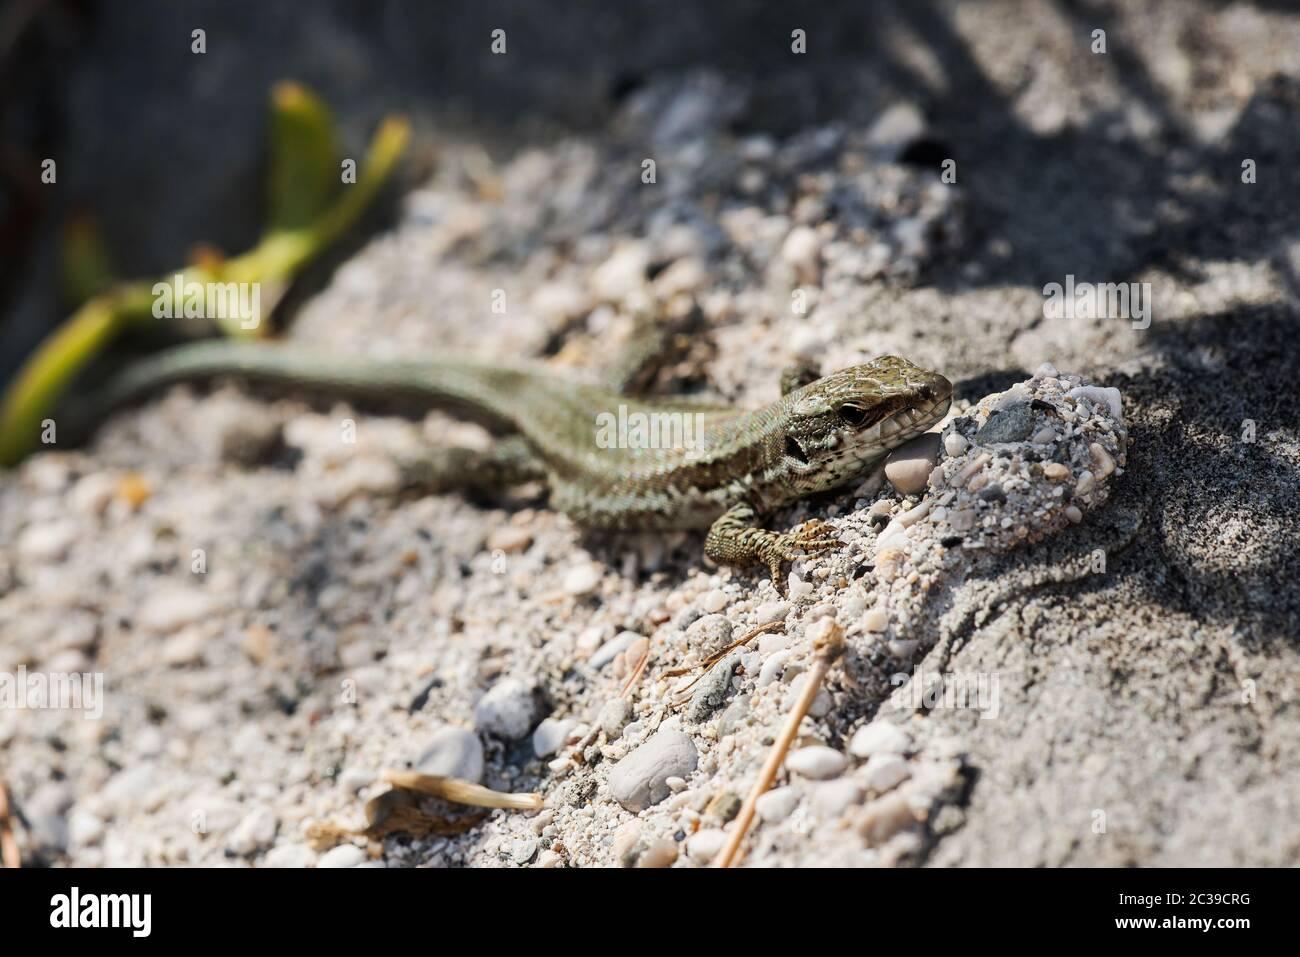 Makroaufnahme der Mauereidechse im Lebensraum. Ihr lateinischer Name ist Podarcis muralis. Stockfoto